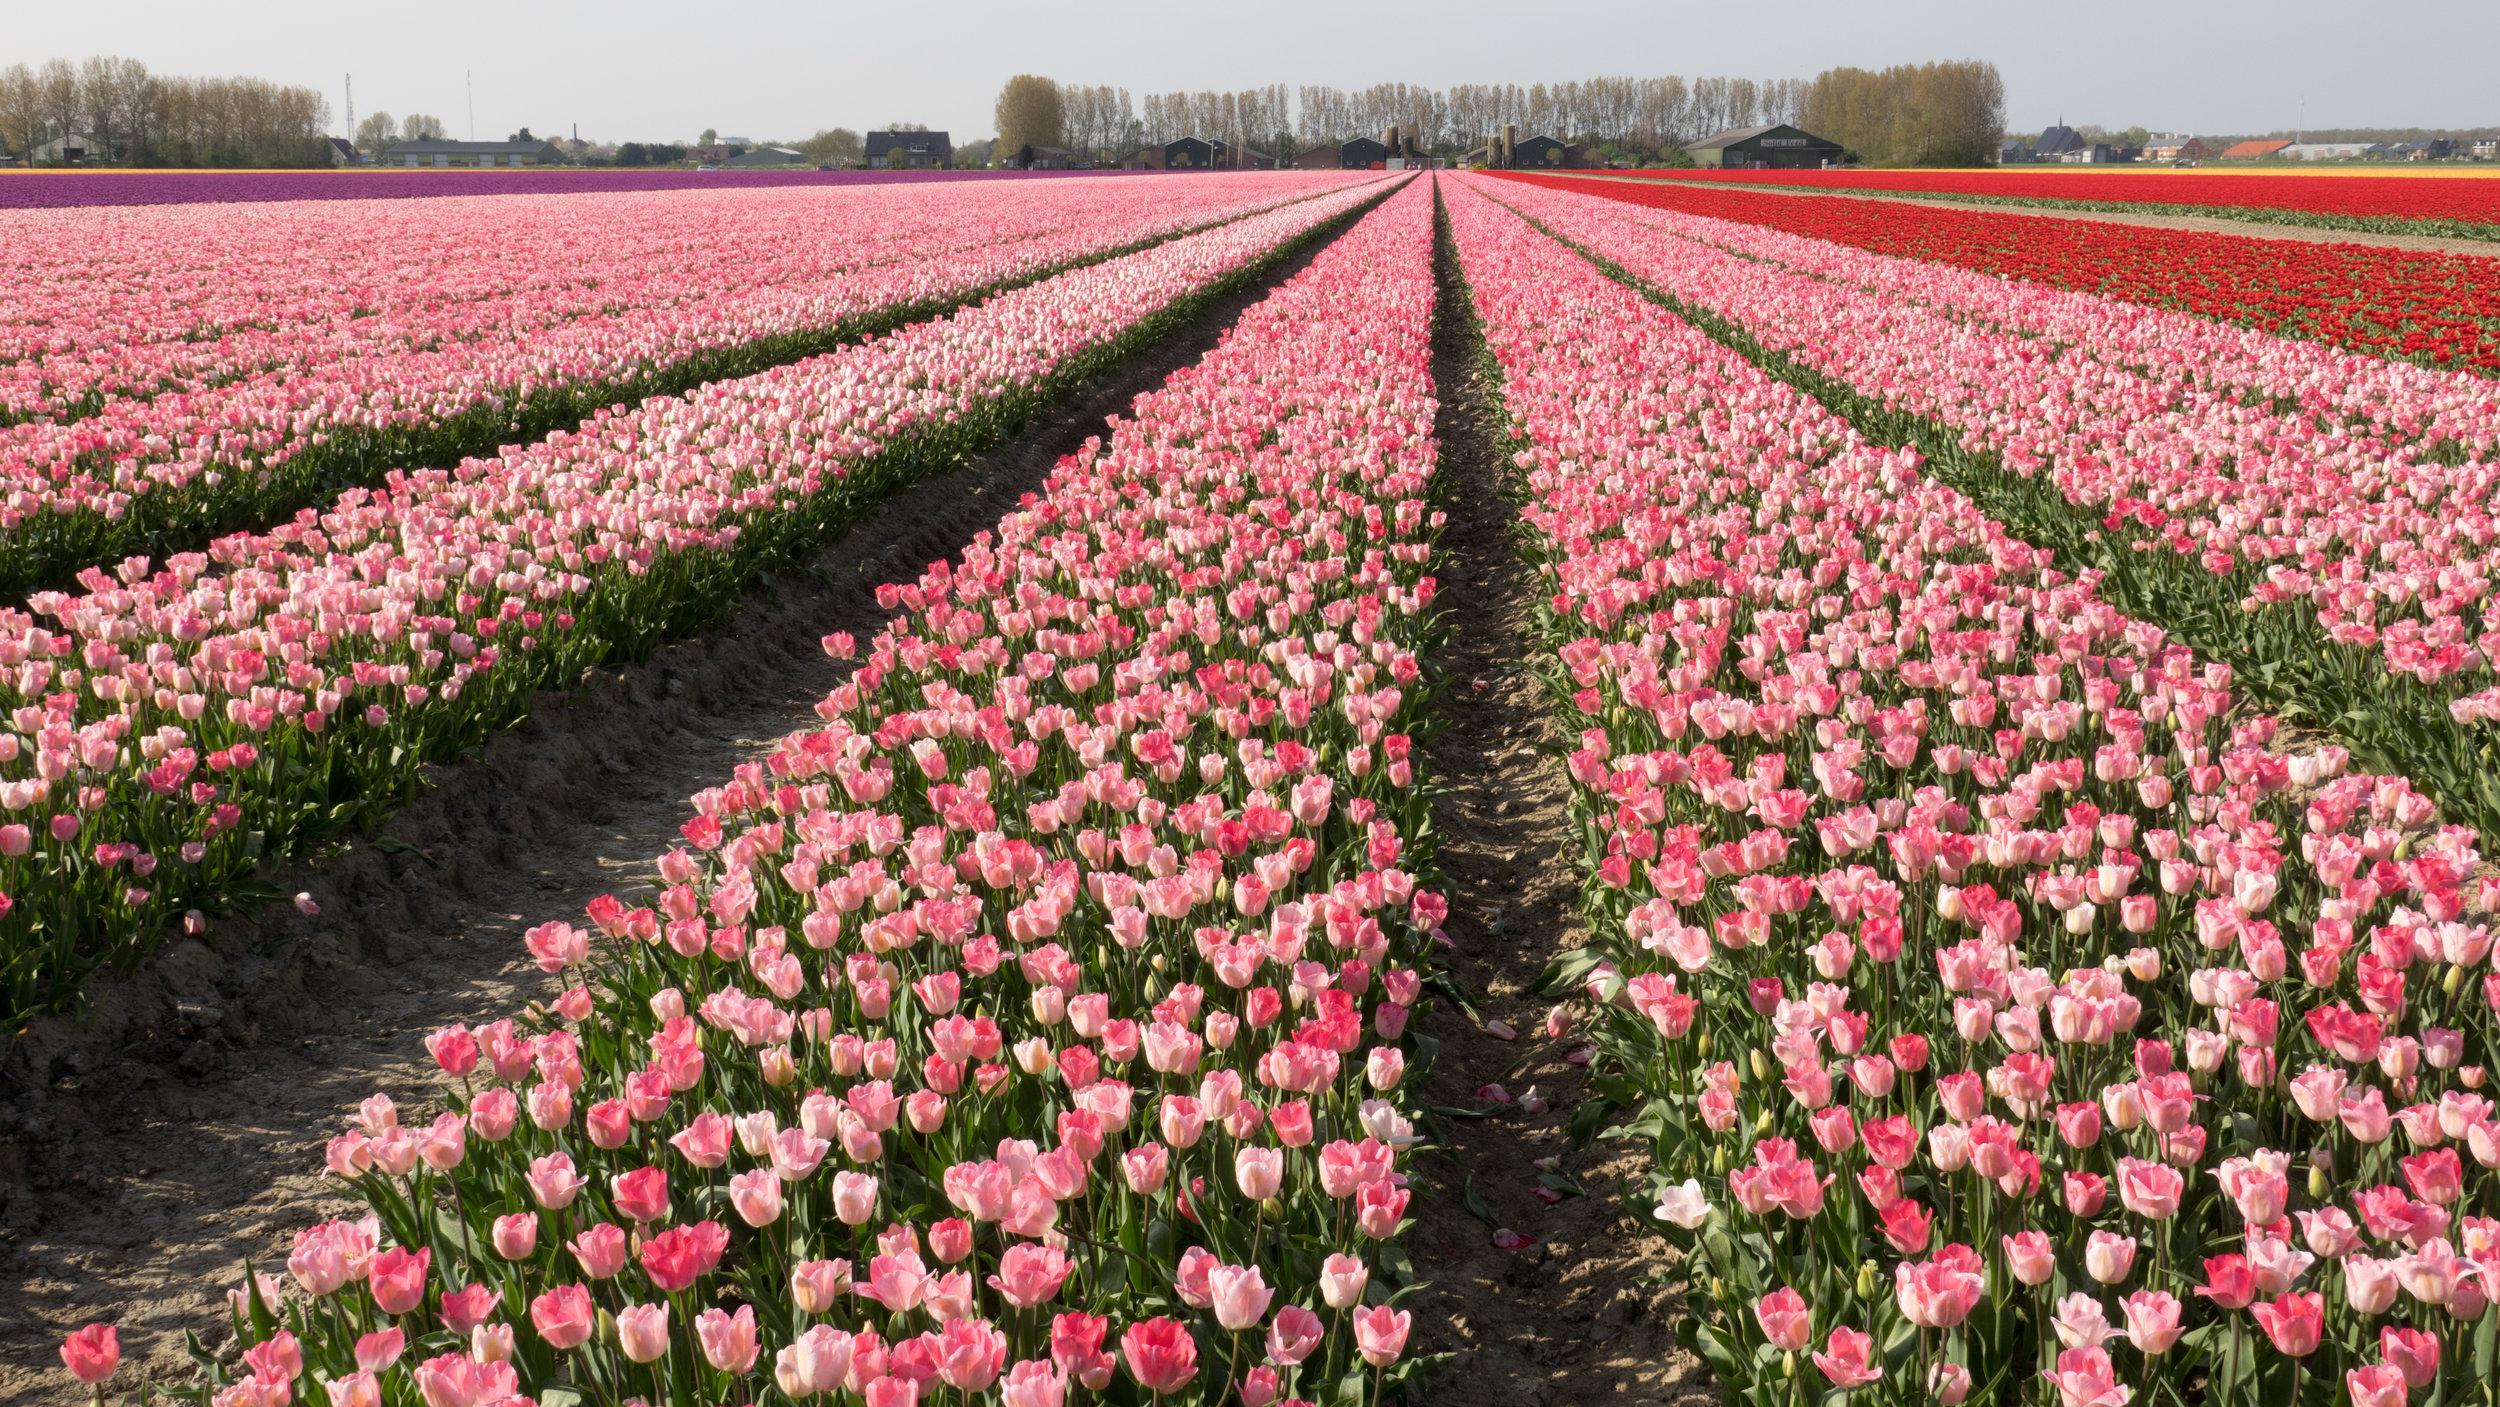 Deze foto's zijn van een paar weken geleden toen de tulpenvelden in volle bloei stonden. Tulpen zo ver het oog reikt. Prachtig hè?